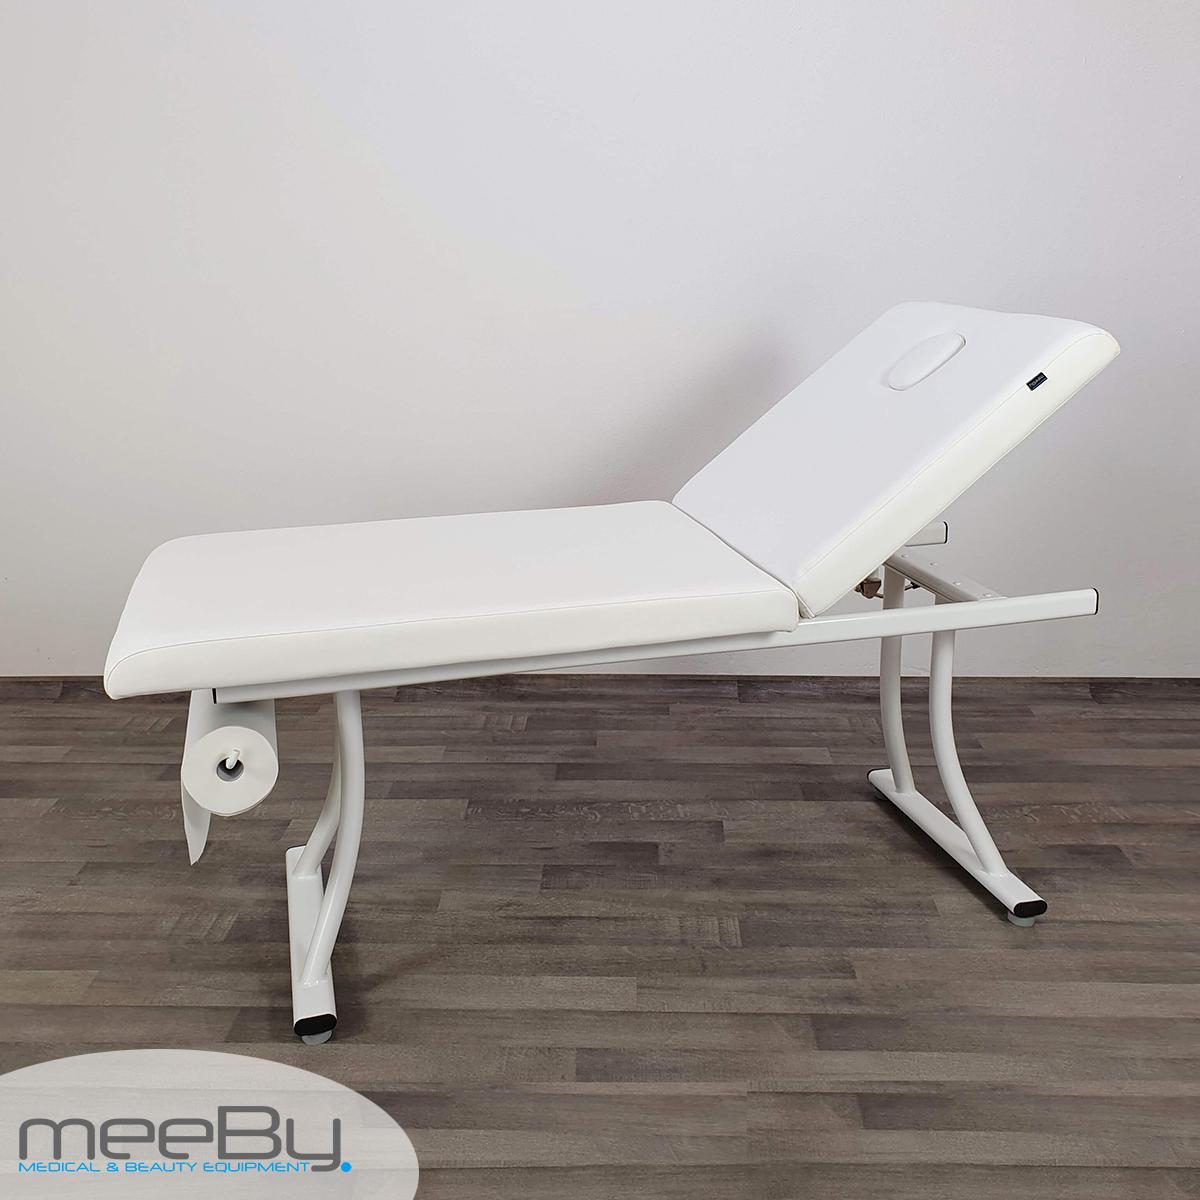 Vendo Lettino Da Massaggio.Lettino Da Massaggio Bianco Per Estetista Visita Medica Studio Estetica